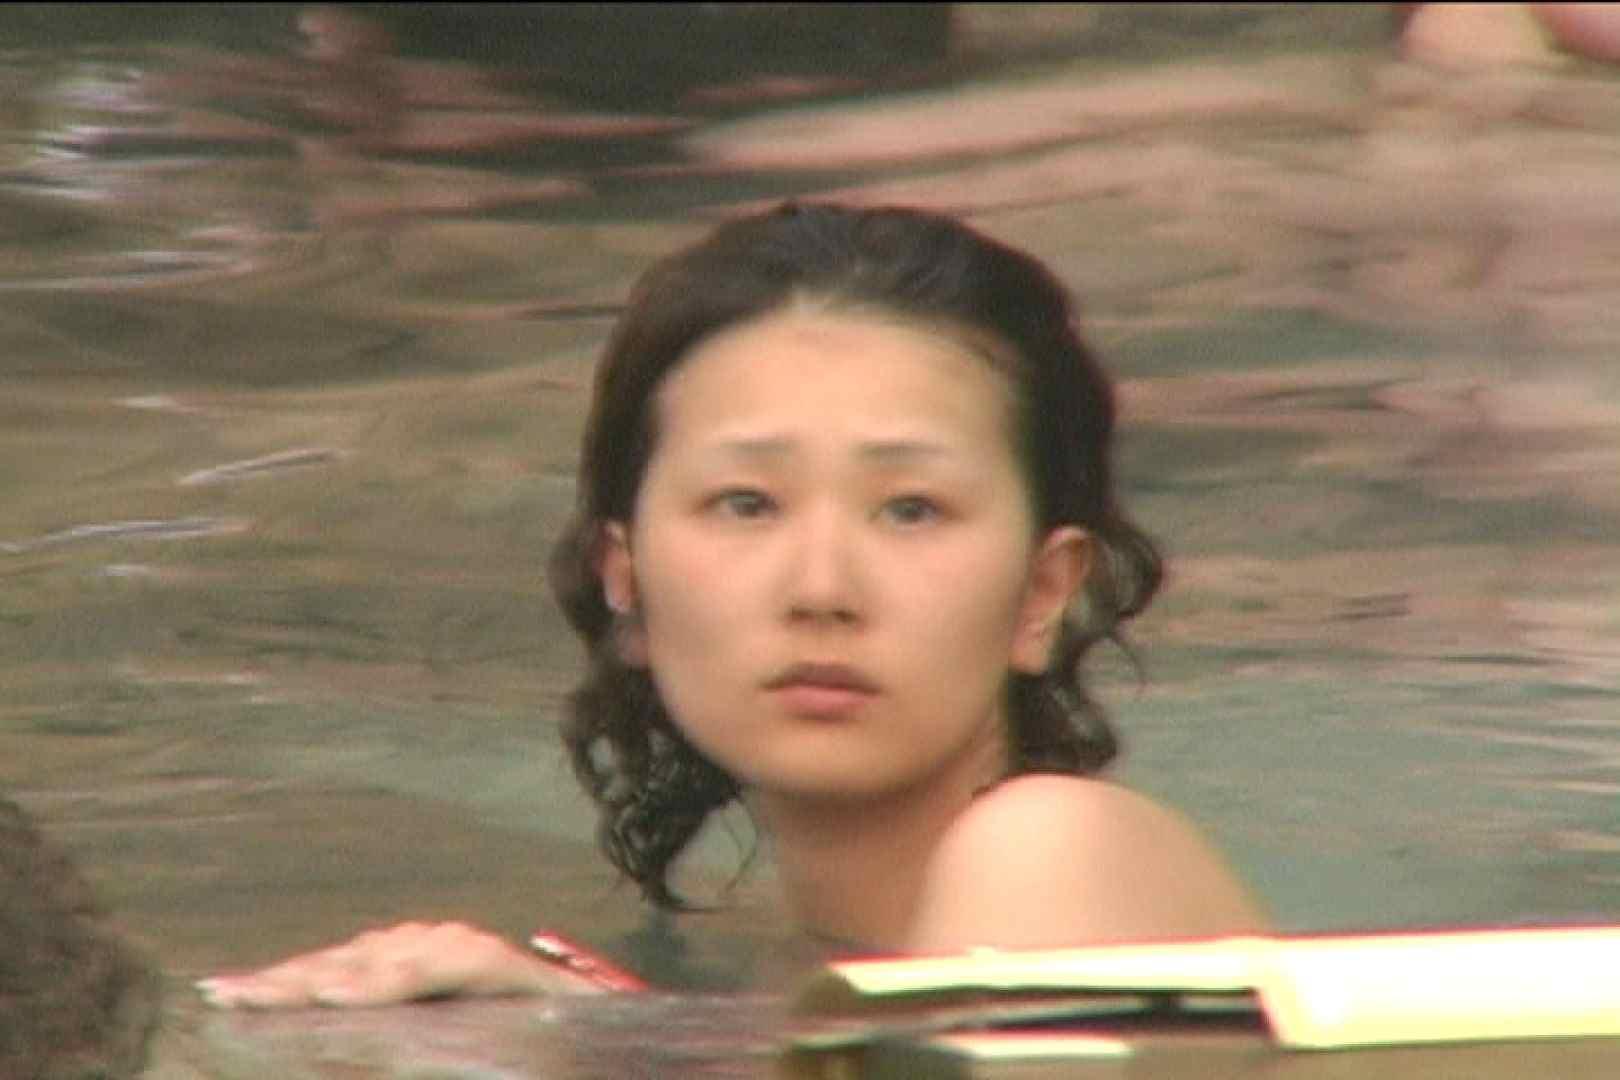 Aquaな露天風呂Vol.131 OLハメ撮り  108Pix 3